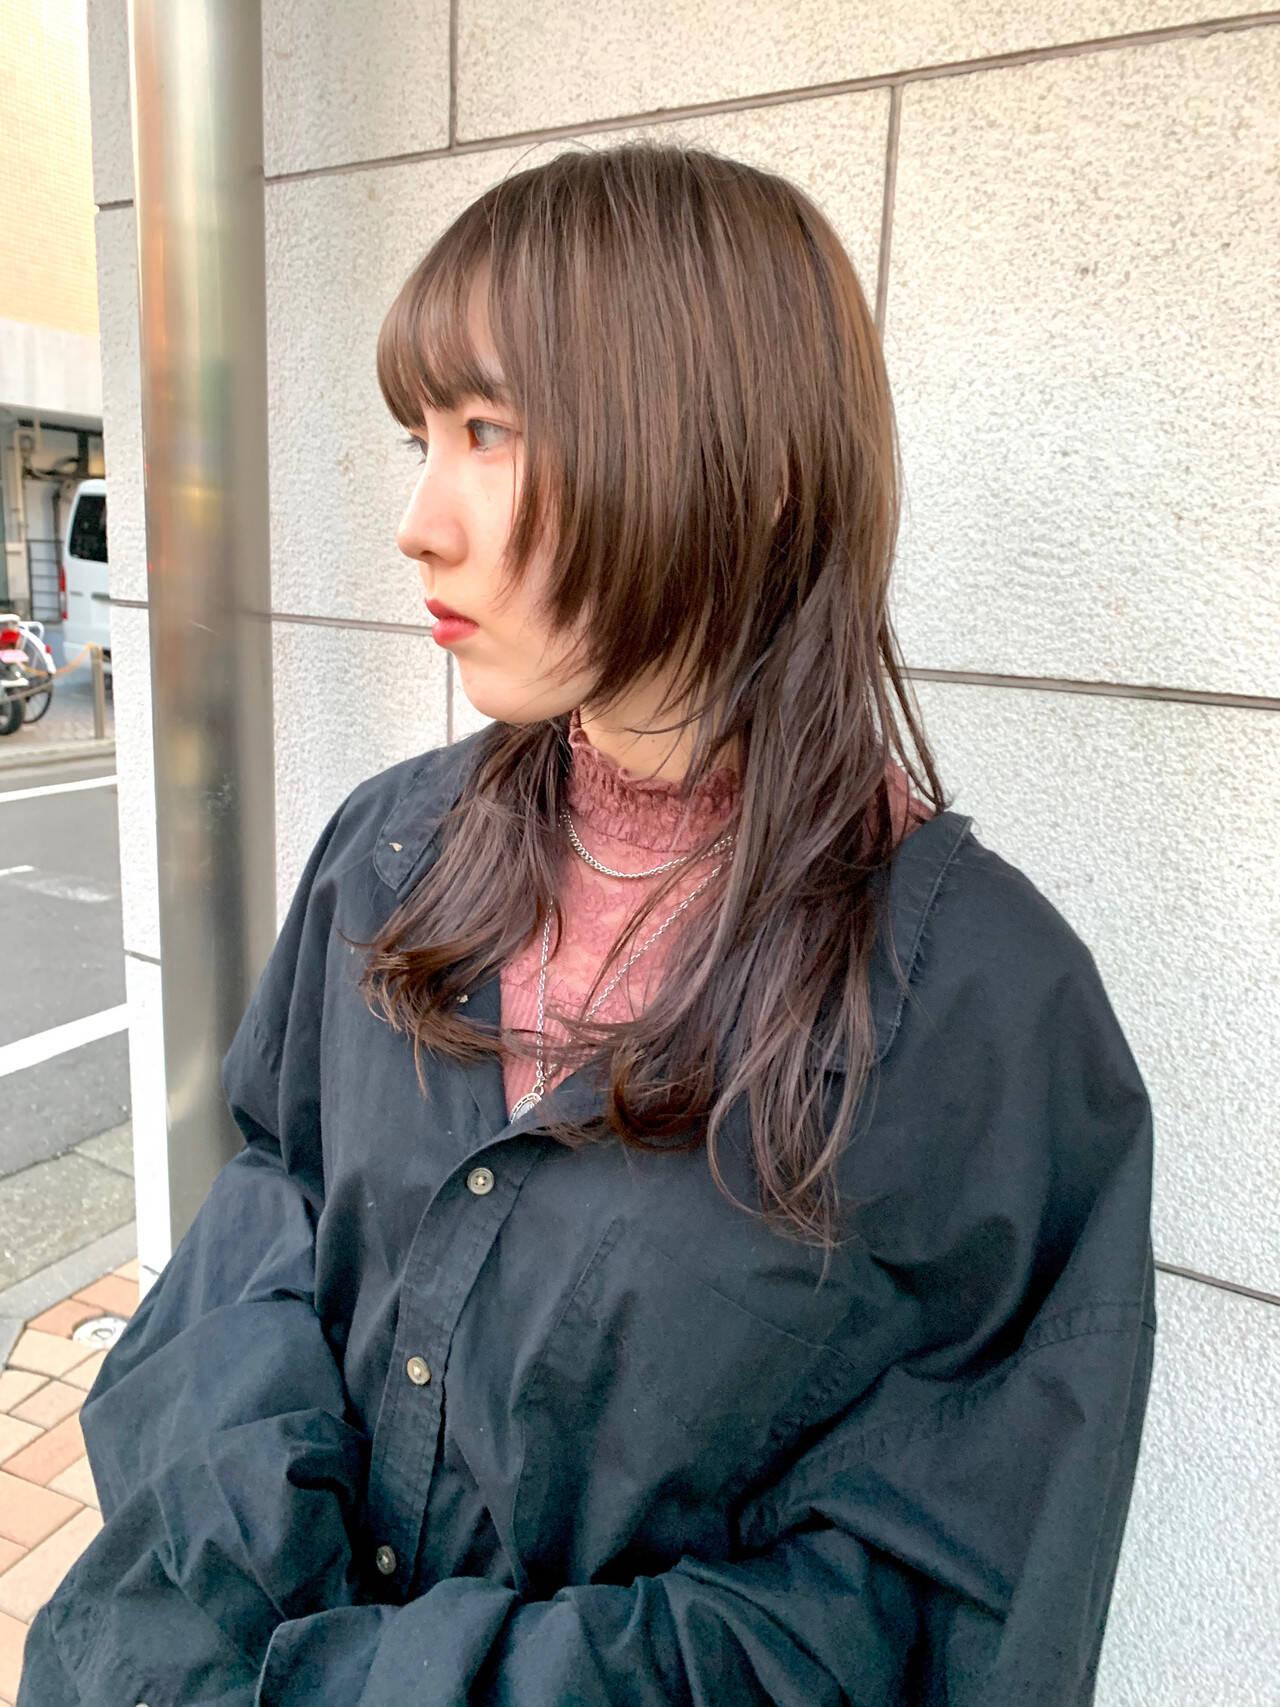 ミディアムレイヤー レイヤースタイル セミロング ウルフレイヤーヘアスタイルや髪型の写真・画像